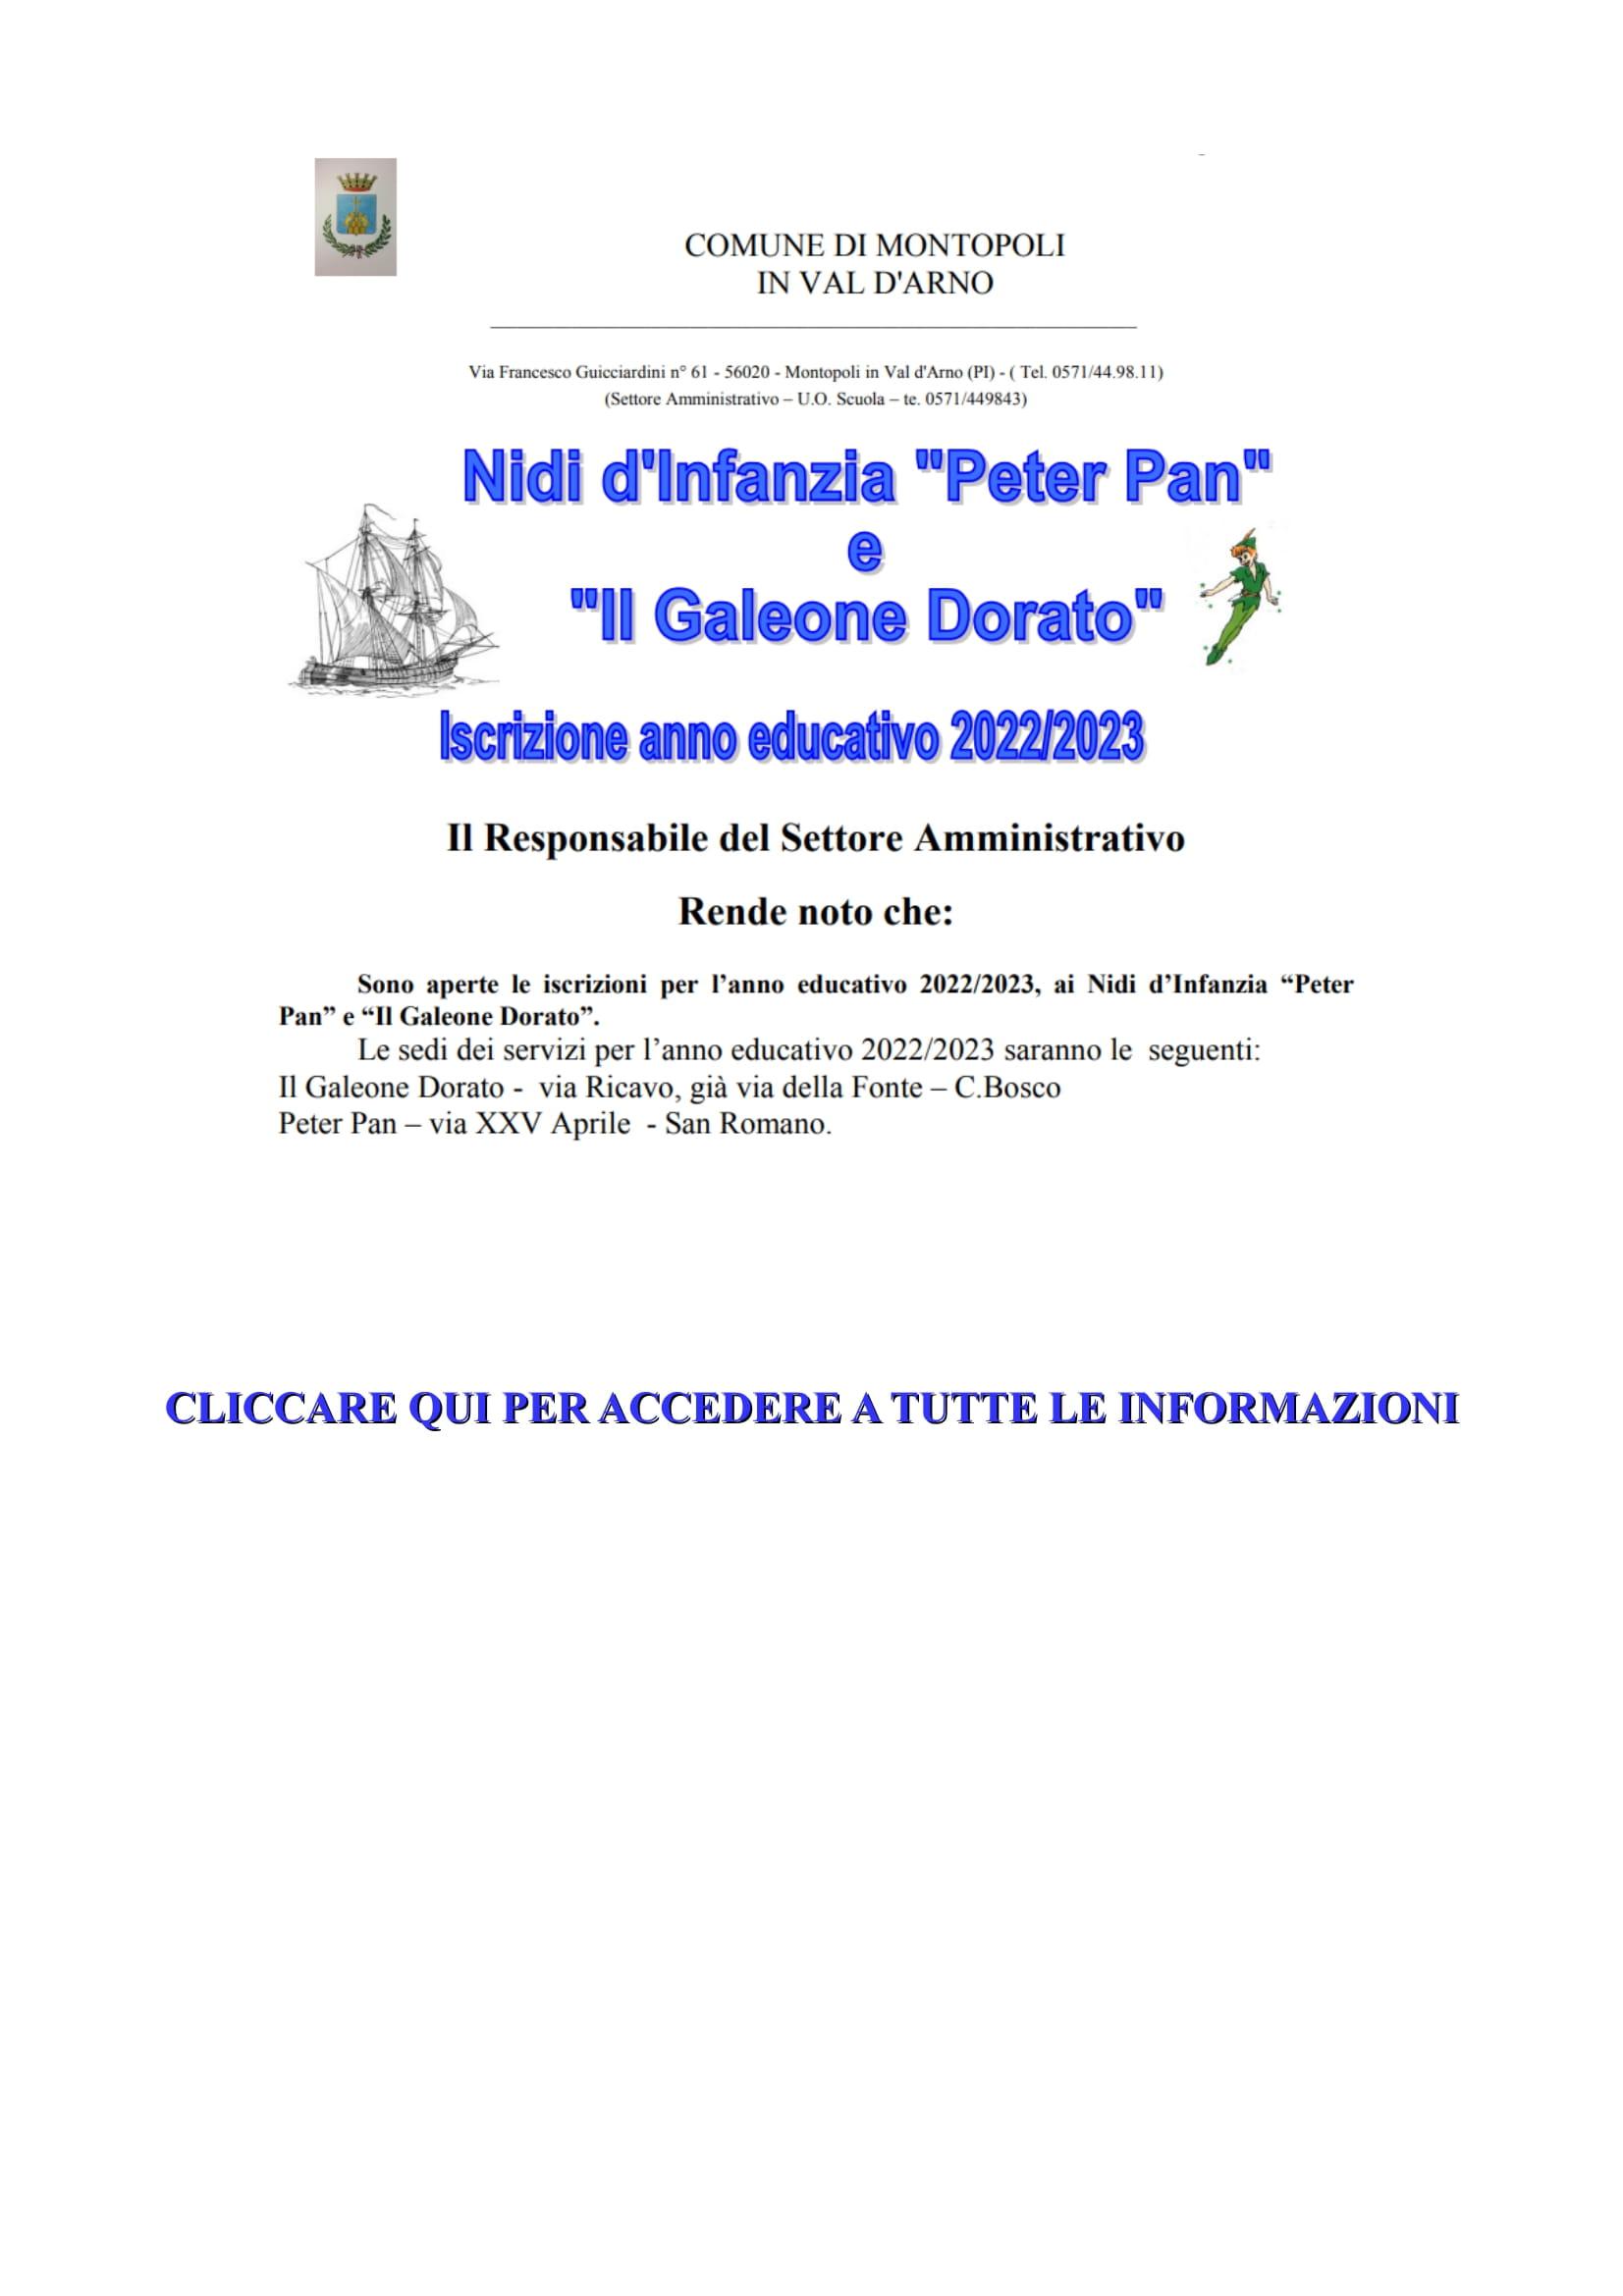 RIMBORSO RETTE 2021